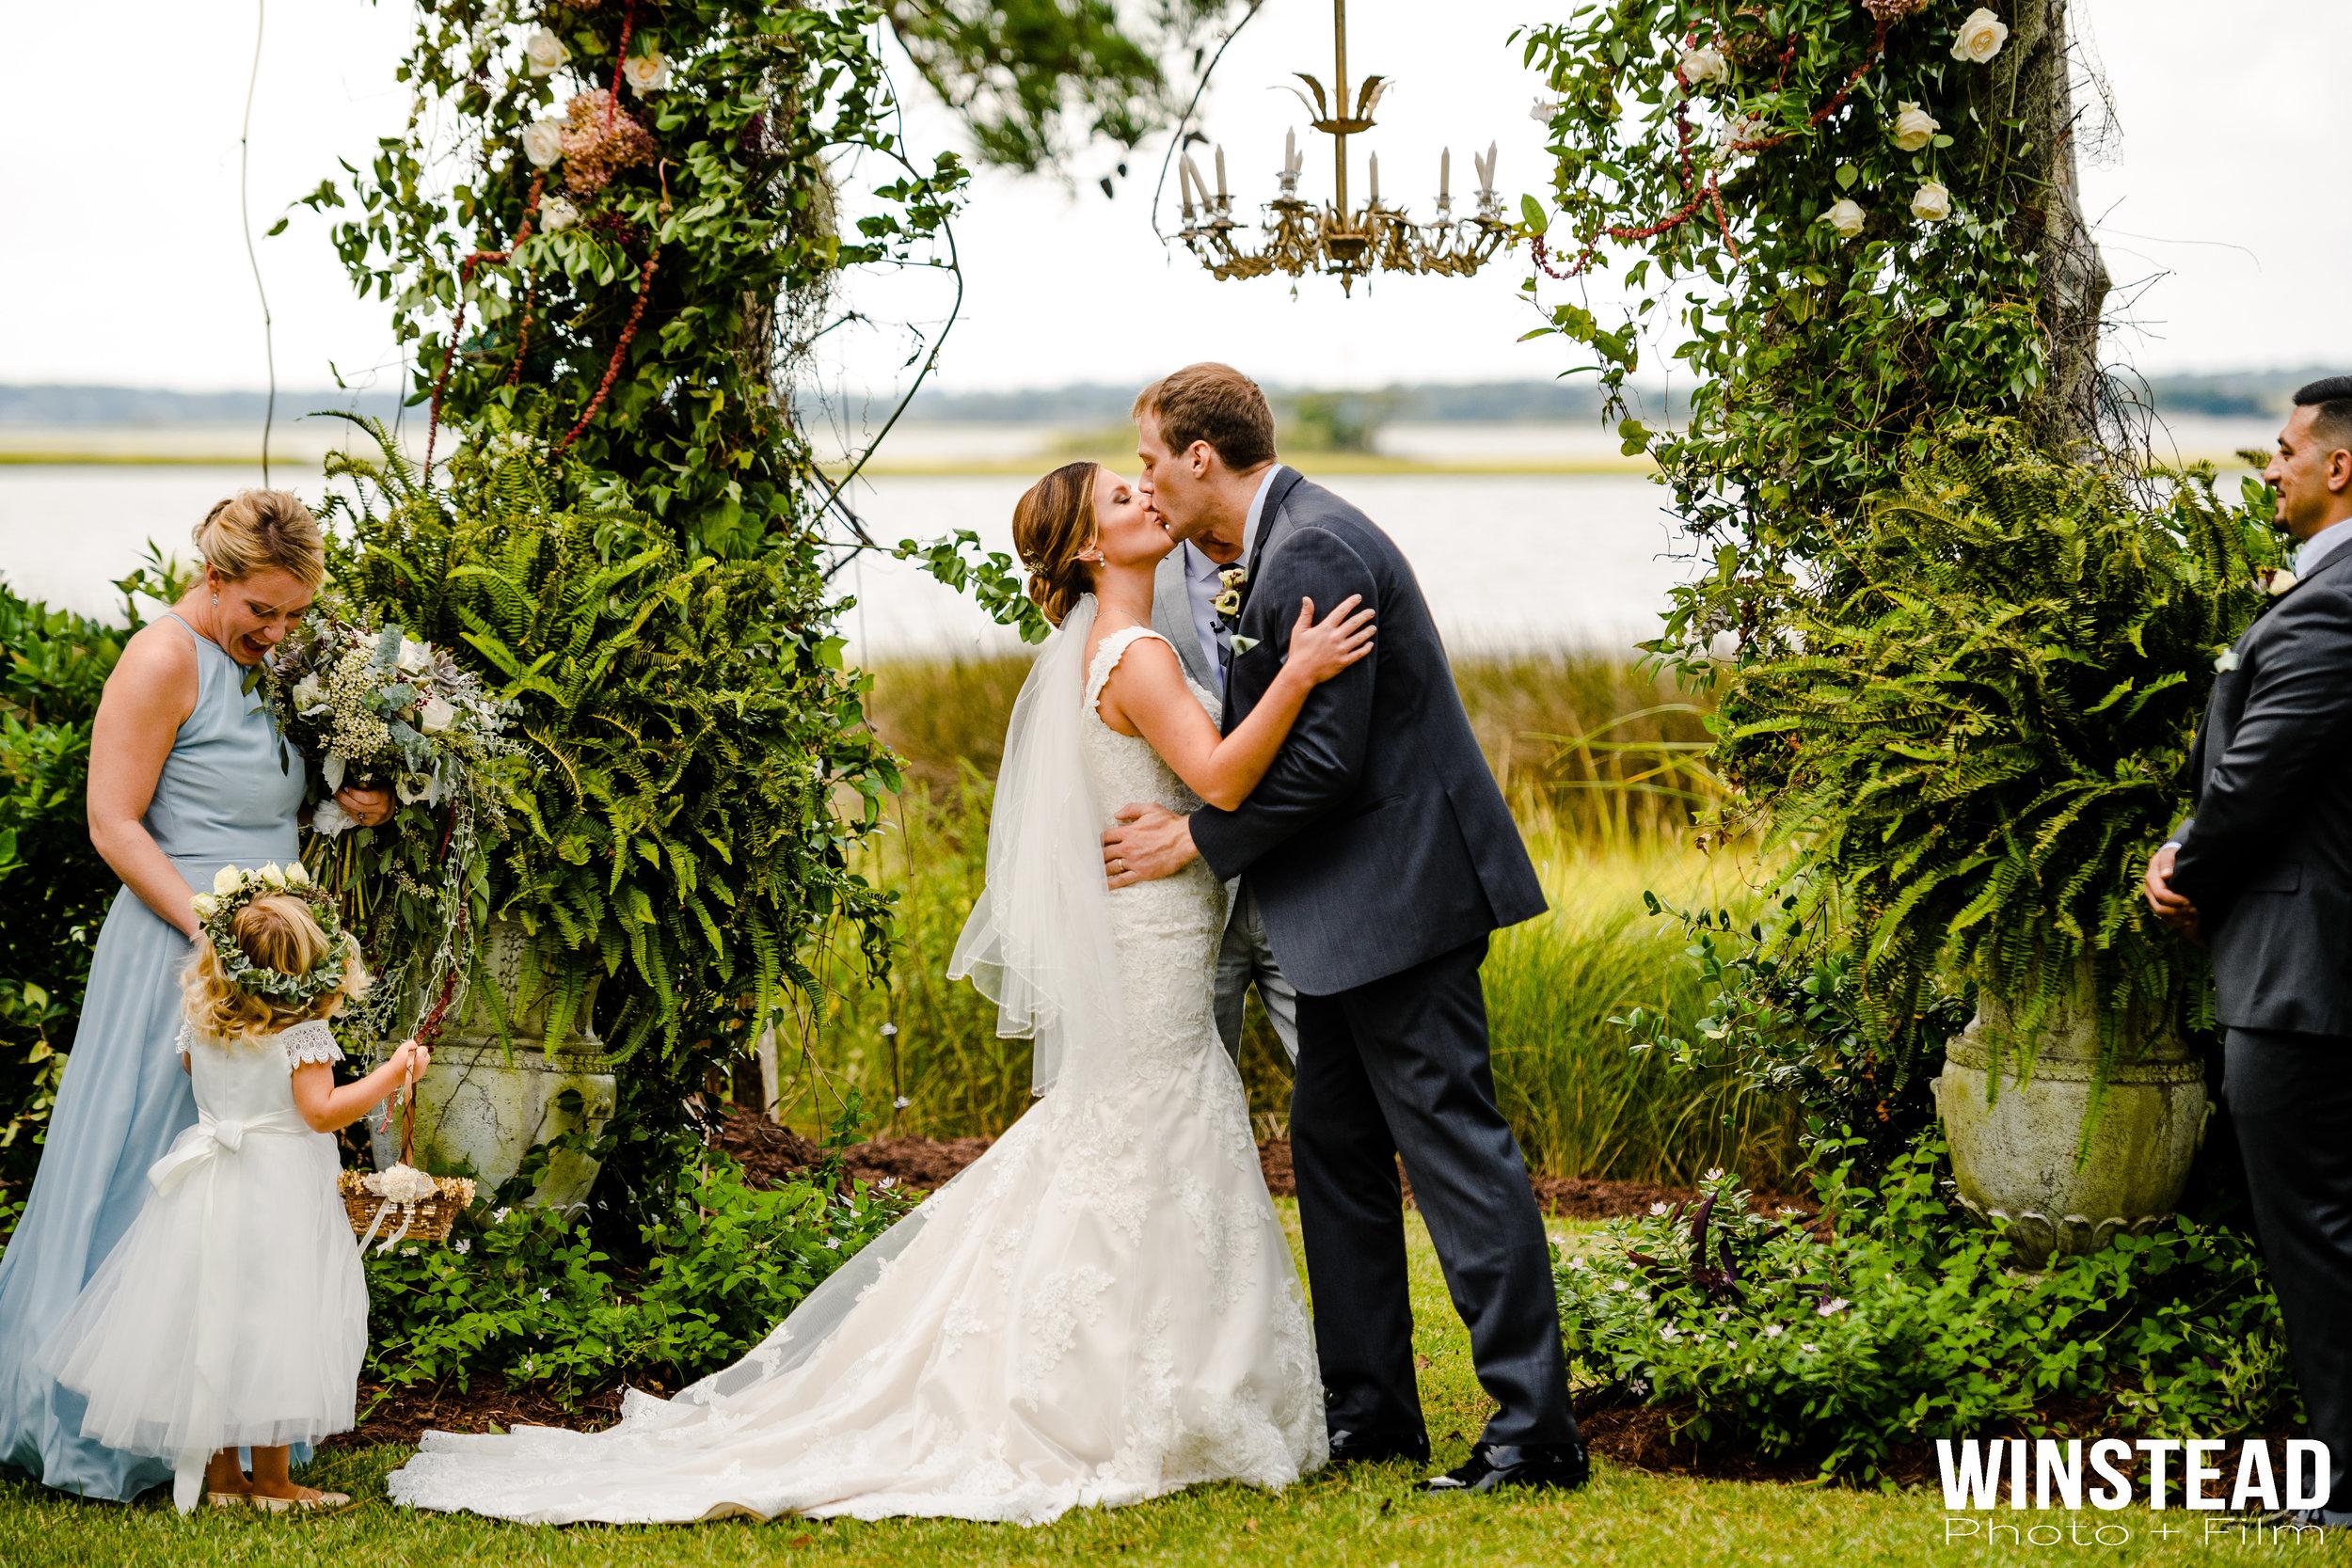 watson-house-emerald-isle-nc-wedding-030.jpg